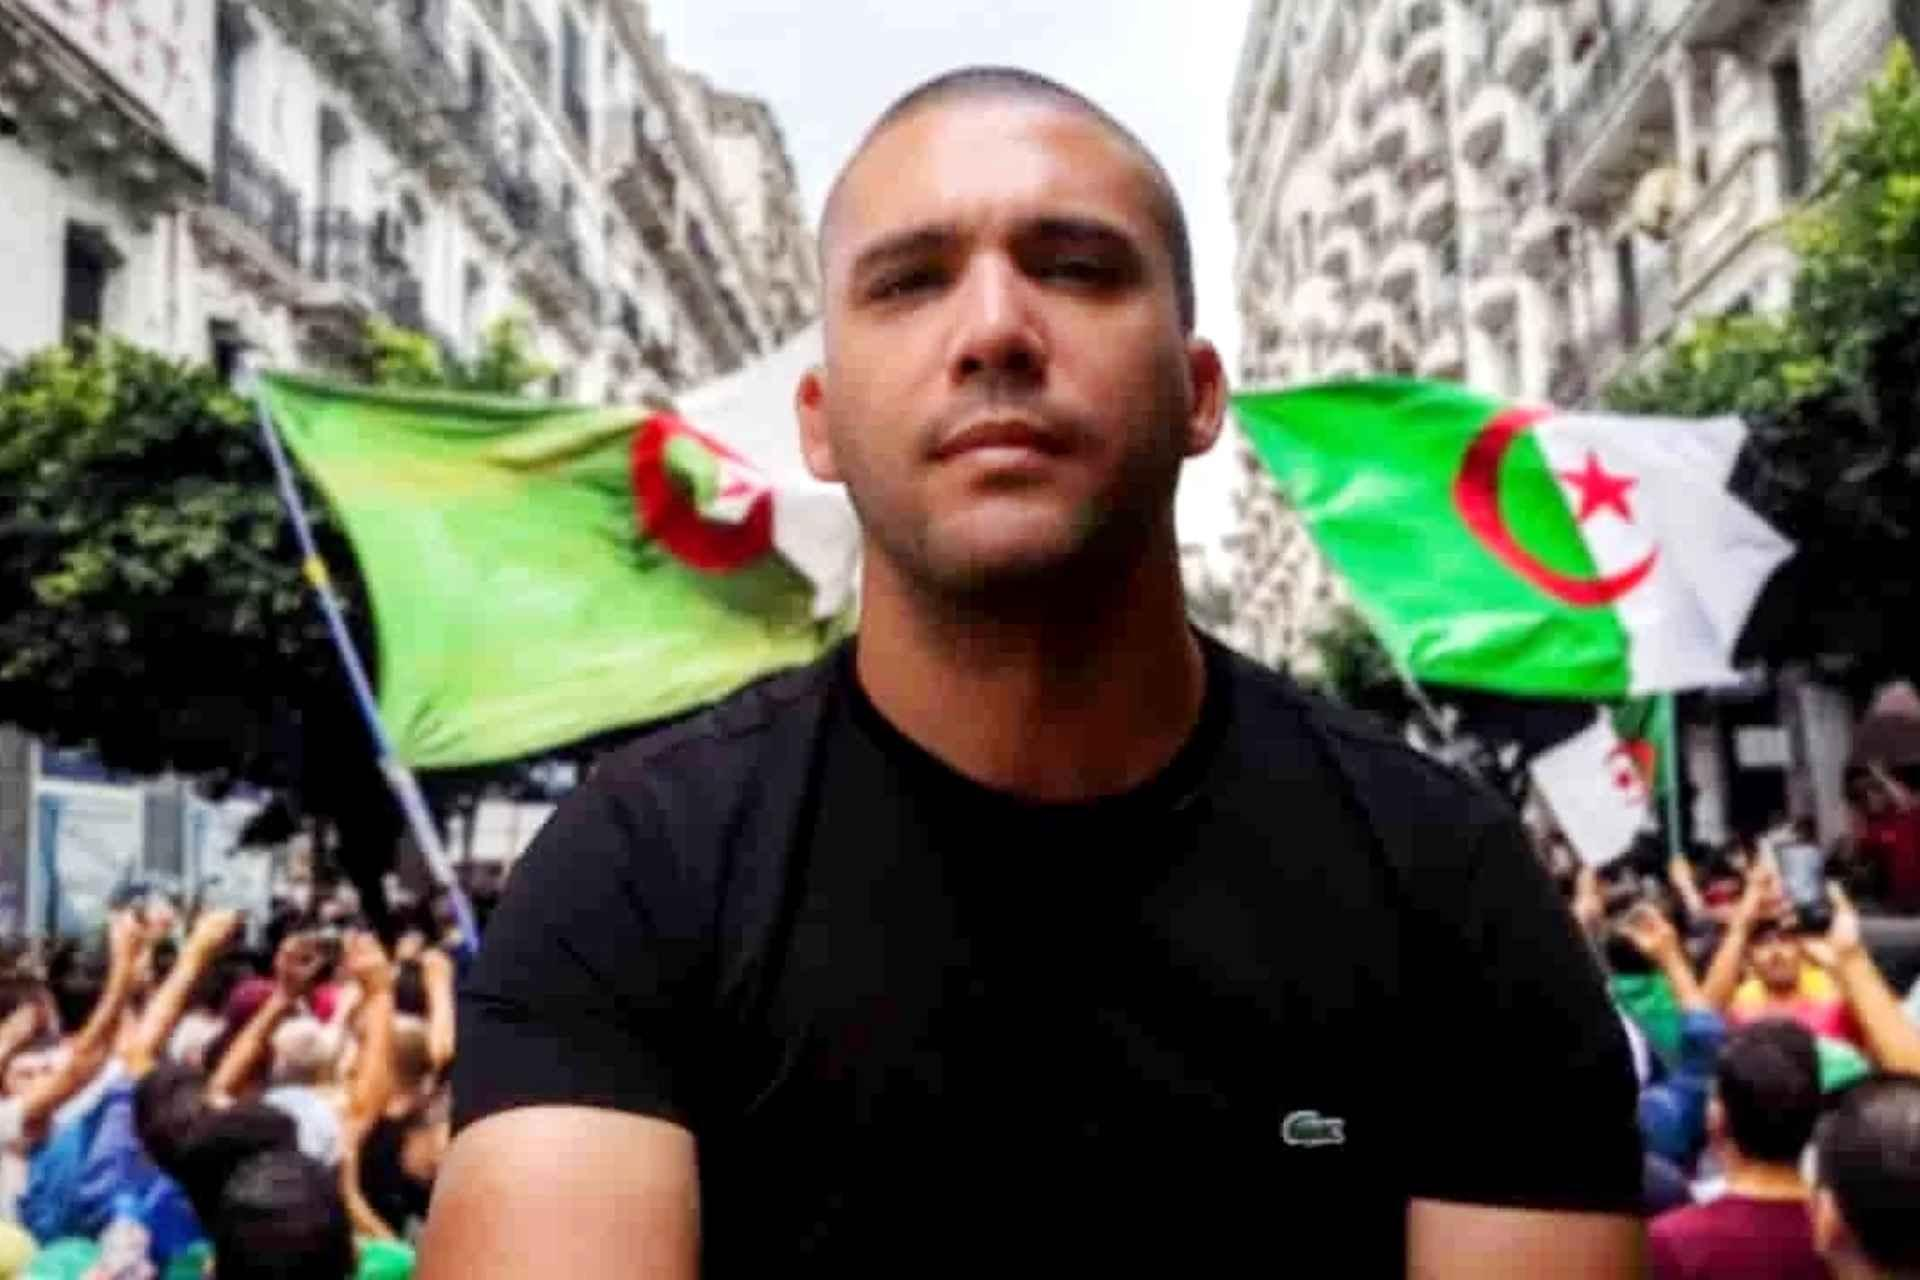 """مراسلون بلا حدود تتهم السلطات الجزائرية باستغلال أزمة كورونا """"لتصفية حساباتها مع الصحافة الحرة"""""""